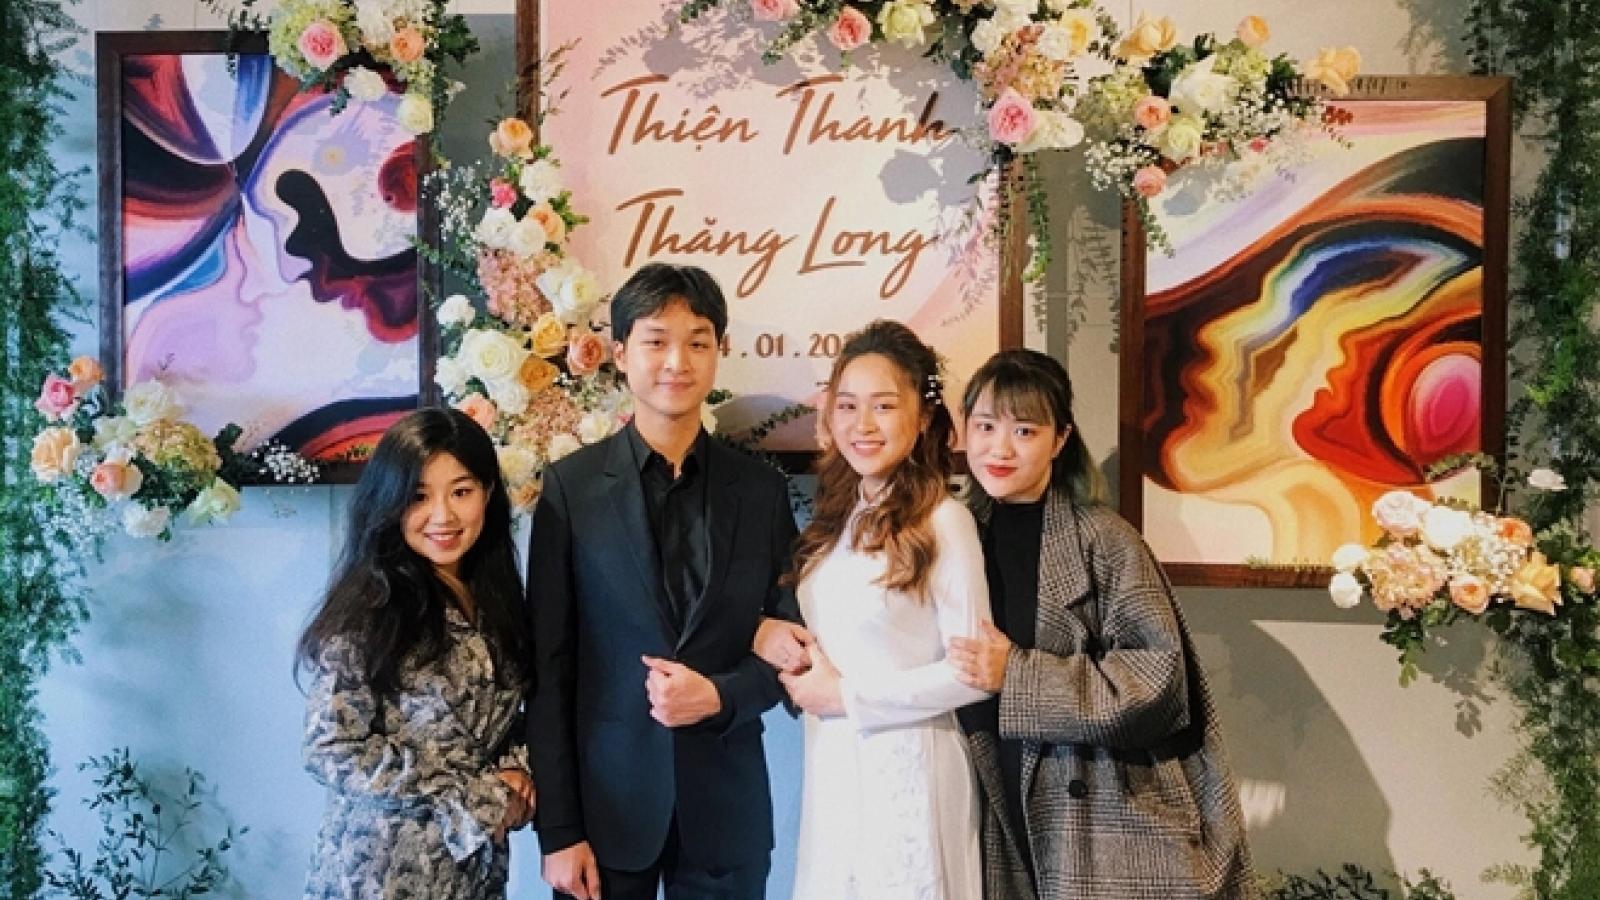 Những hình ảnh hiếm hoi trong đám cưới của con gái diva Thanh Lam